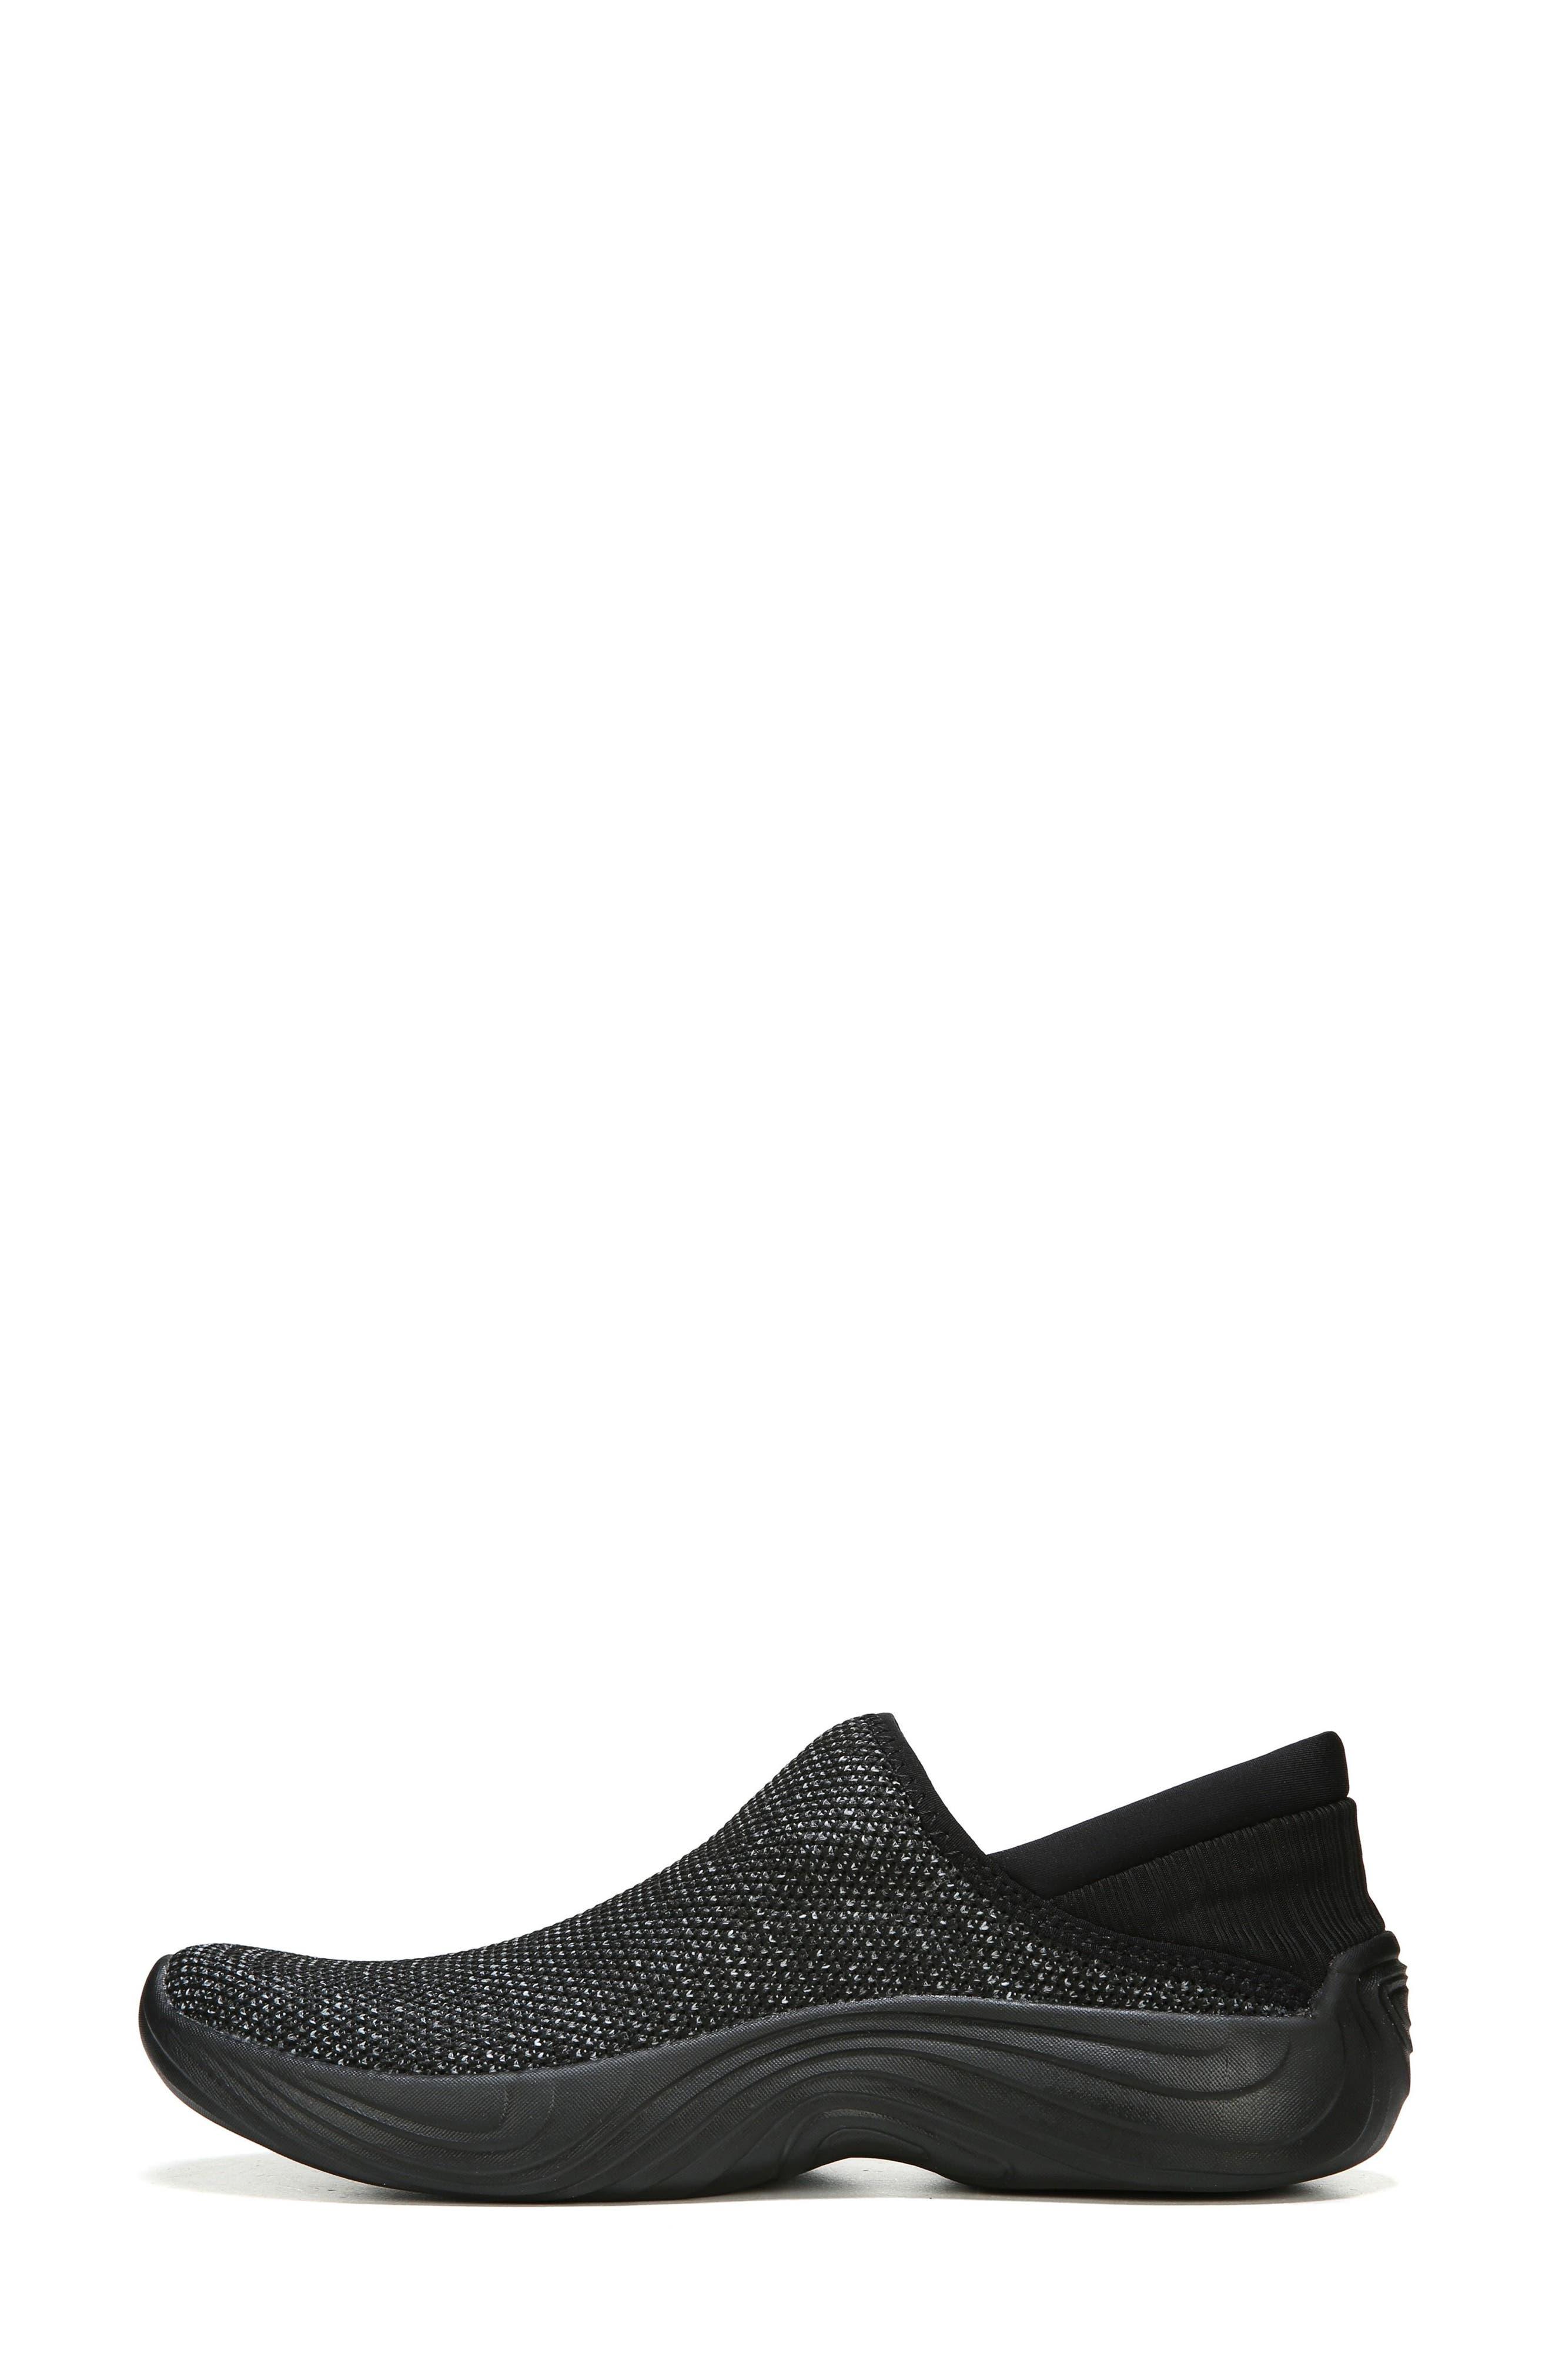 Topaz Slip-On Sneaker,                             Alternate thumbnail 3, color,                             BLACK FABRIC